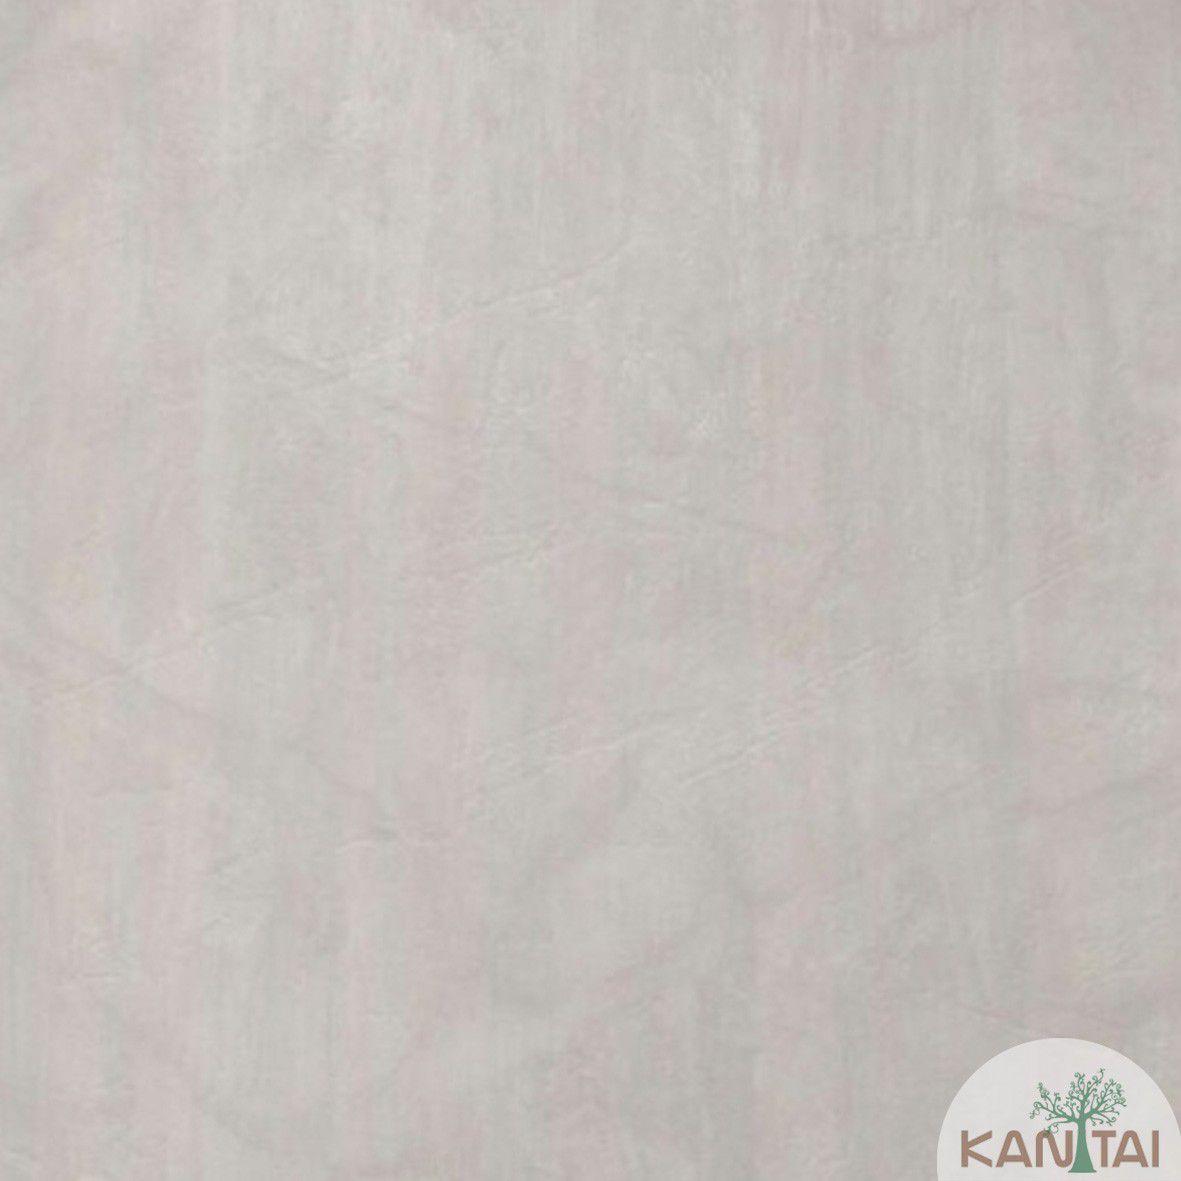 Papel de Parede Kan Tai Vinilico Coleção Style Cimento Queimado Cinza